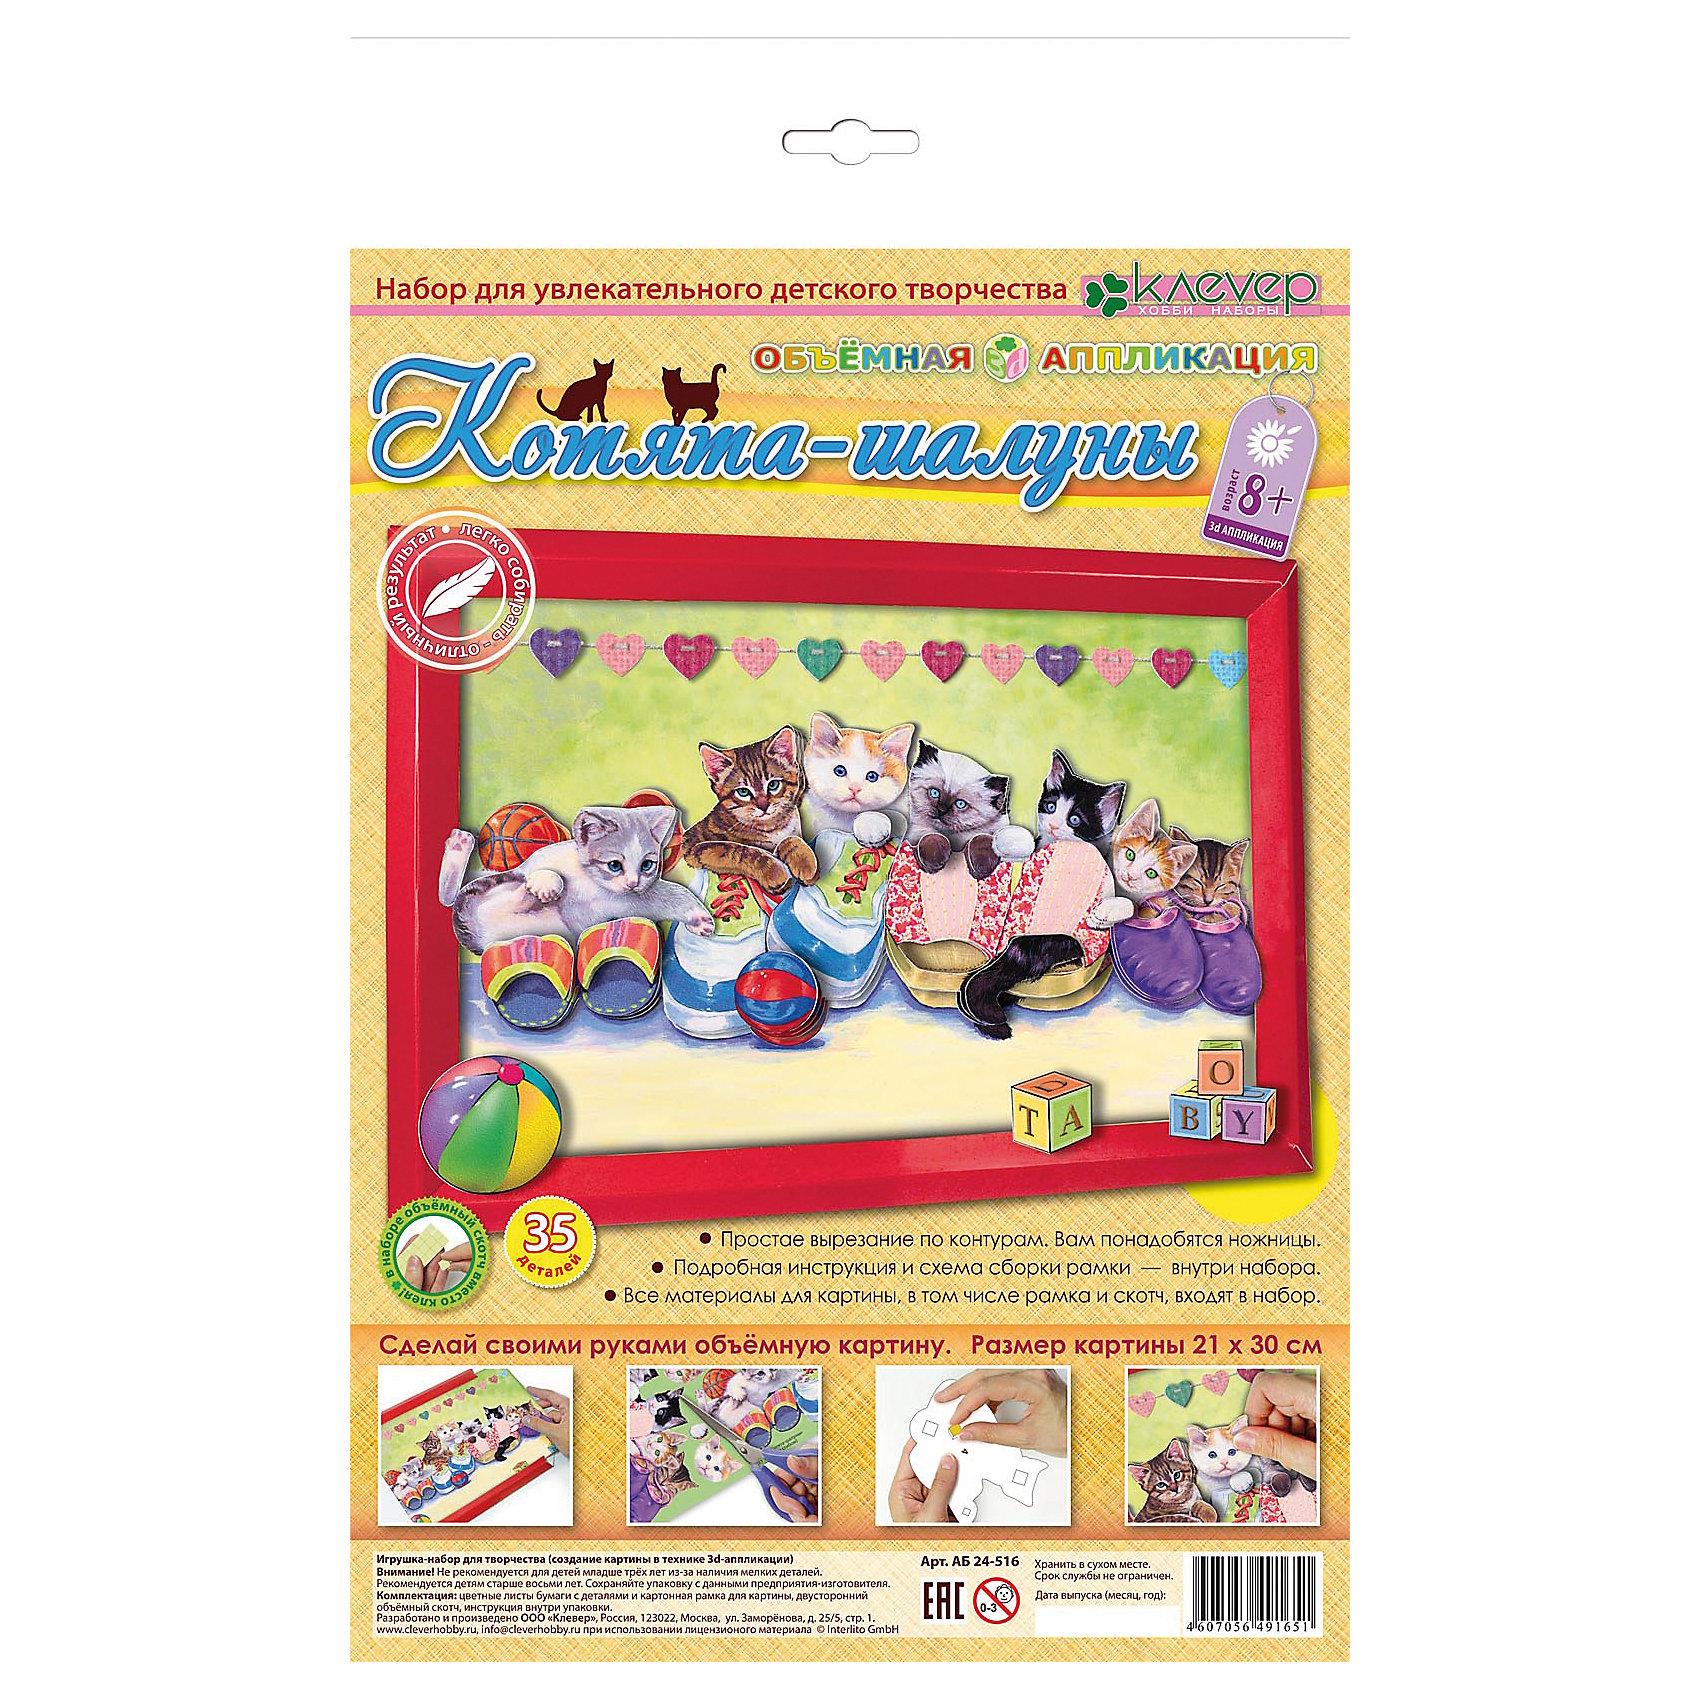 Набор для изготовления картины «Котята-шалуны»Рукоделие<br>Набор для создания картины в технике объёмной аппликации «Котята-шалуны» — это не только оригинальная картина, но и увлекательное занятие для Вашего ребёнка!<br>Милые забавные котята шалят с домашними тапочками, вызывая улыбки и веселье всех членов семьи!<br>Детям от 5-ти лет будет несложно создать картину с объёмным изображением, - нужно только вырезать детали и наклеить их на объёмный двусторонний скотч послойно, по номерам на обороте.<br>Яркая рамка входит в набор!. Цветная бумага с контурами для вырезания, фон, объёмный двусторонний скотч, картонная рамка, пошаговая инструкция.<br><br>Ширина мм: 230<br>Глубина мм: 340<br>Высота мм: 50<br>Вес г: 54<br>Возраст от месяцев: 96<br>Возраст до месяцев: 144<br>Пол: Унисекс<br>Возраст: Детский<br>SKU: 5541564